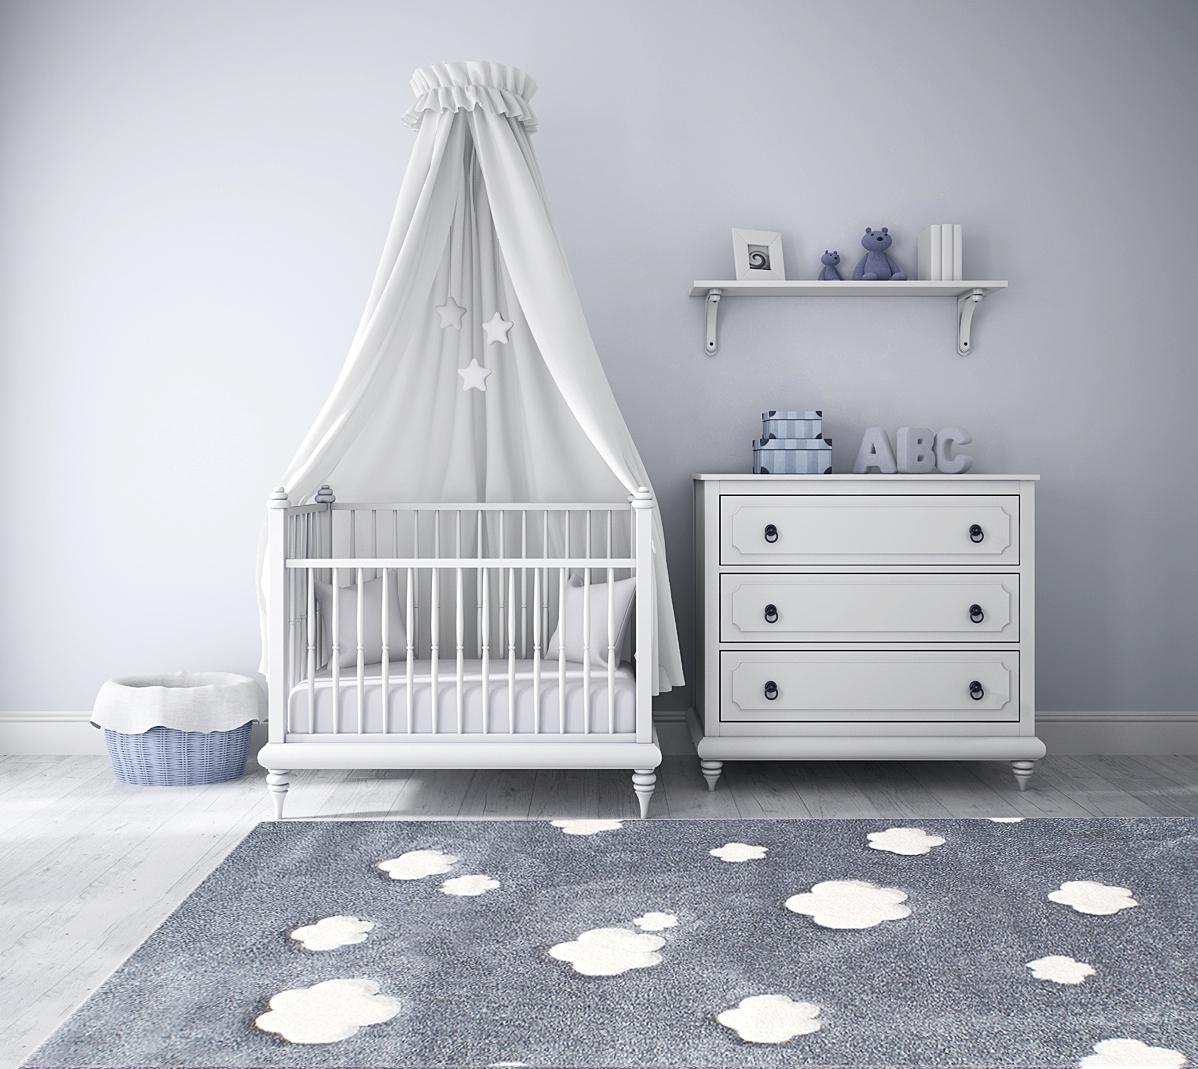 Full Size of Teppich Kinderzimmer 120x180 160x230 Grau Wei Wolke Wohnzimmer Teppiche Regale Regal Weiß Sofa Kinderzimmer Teppiche Kinderzimmer